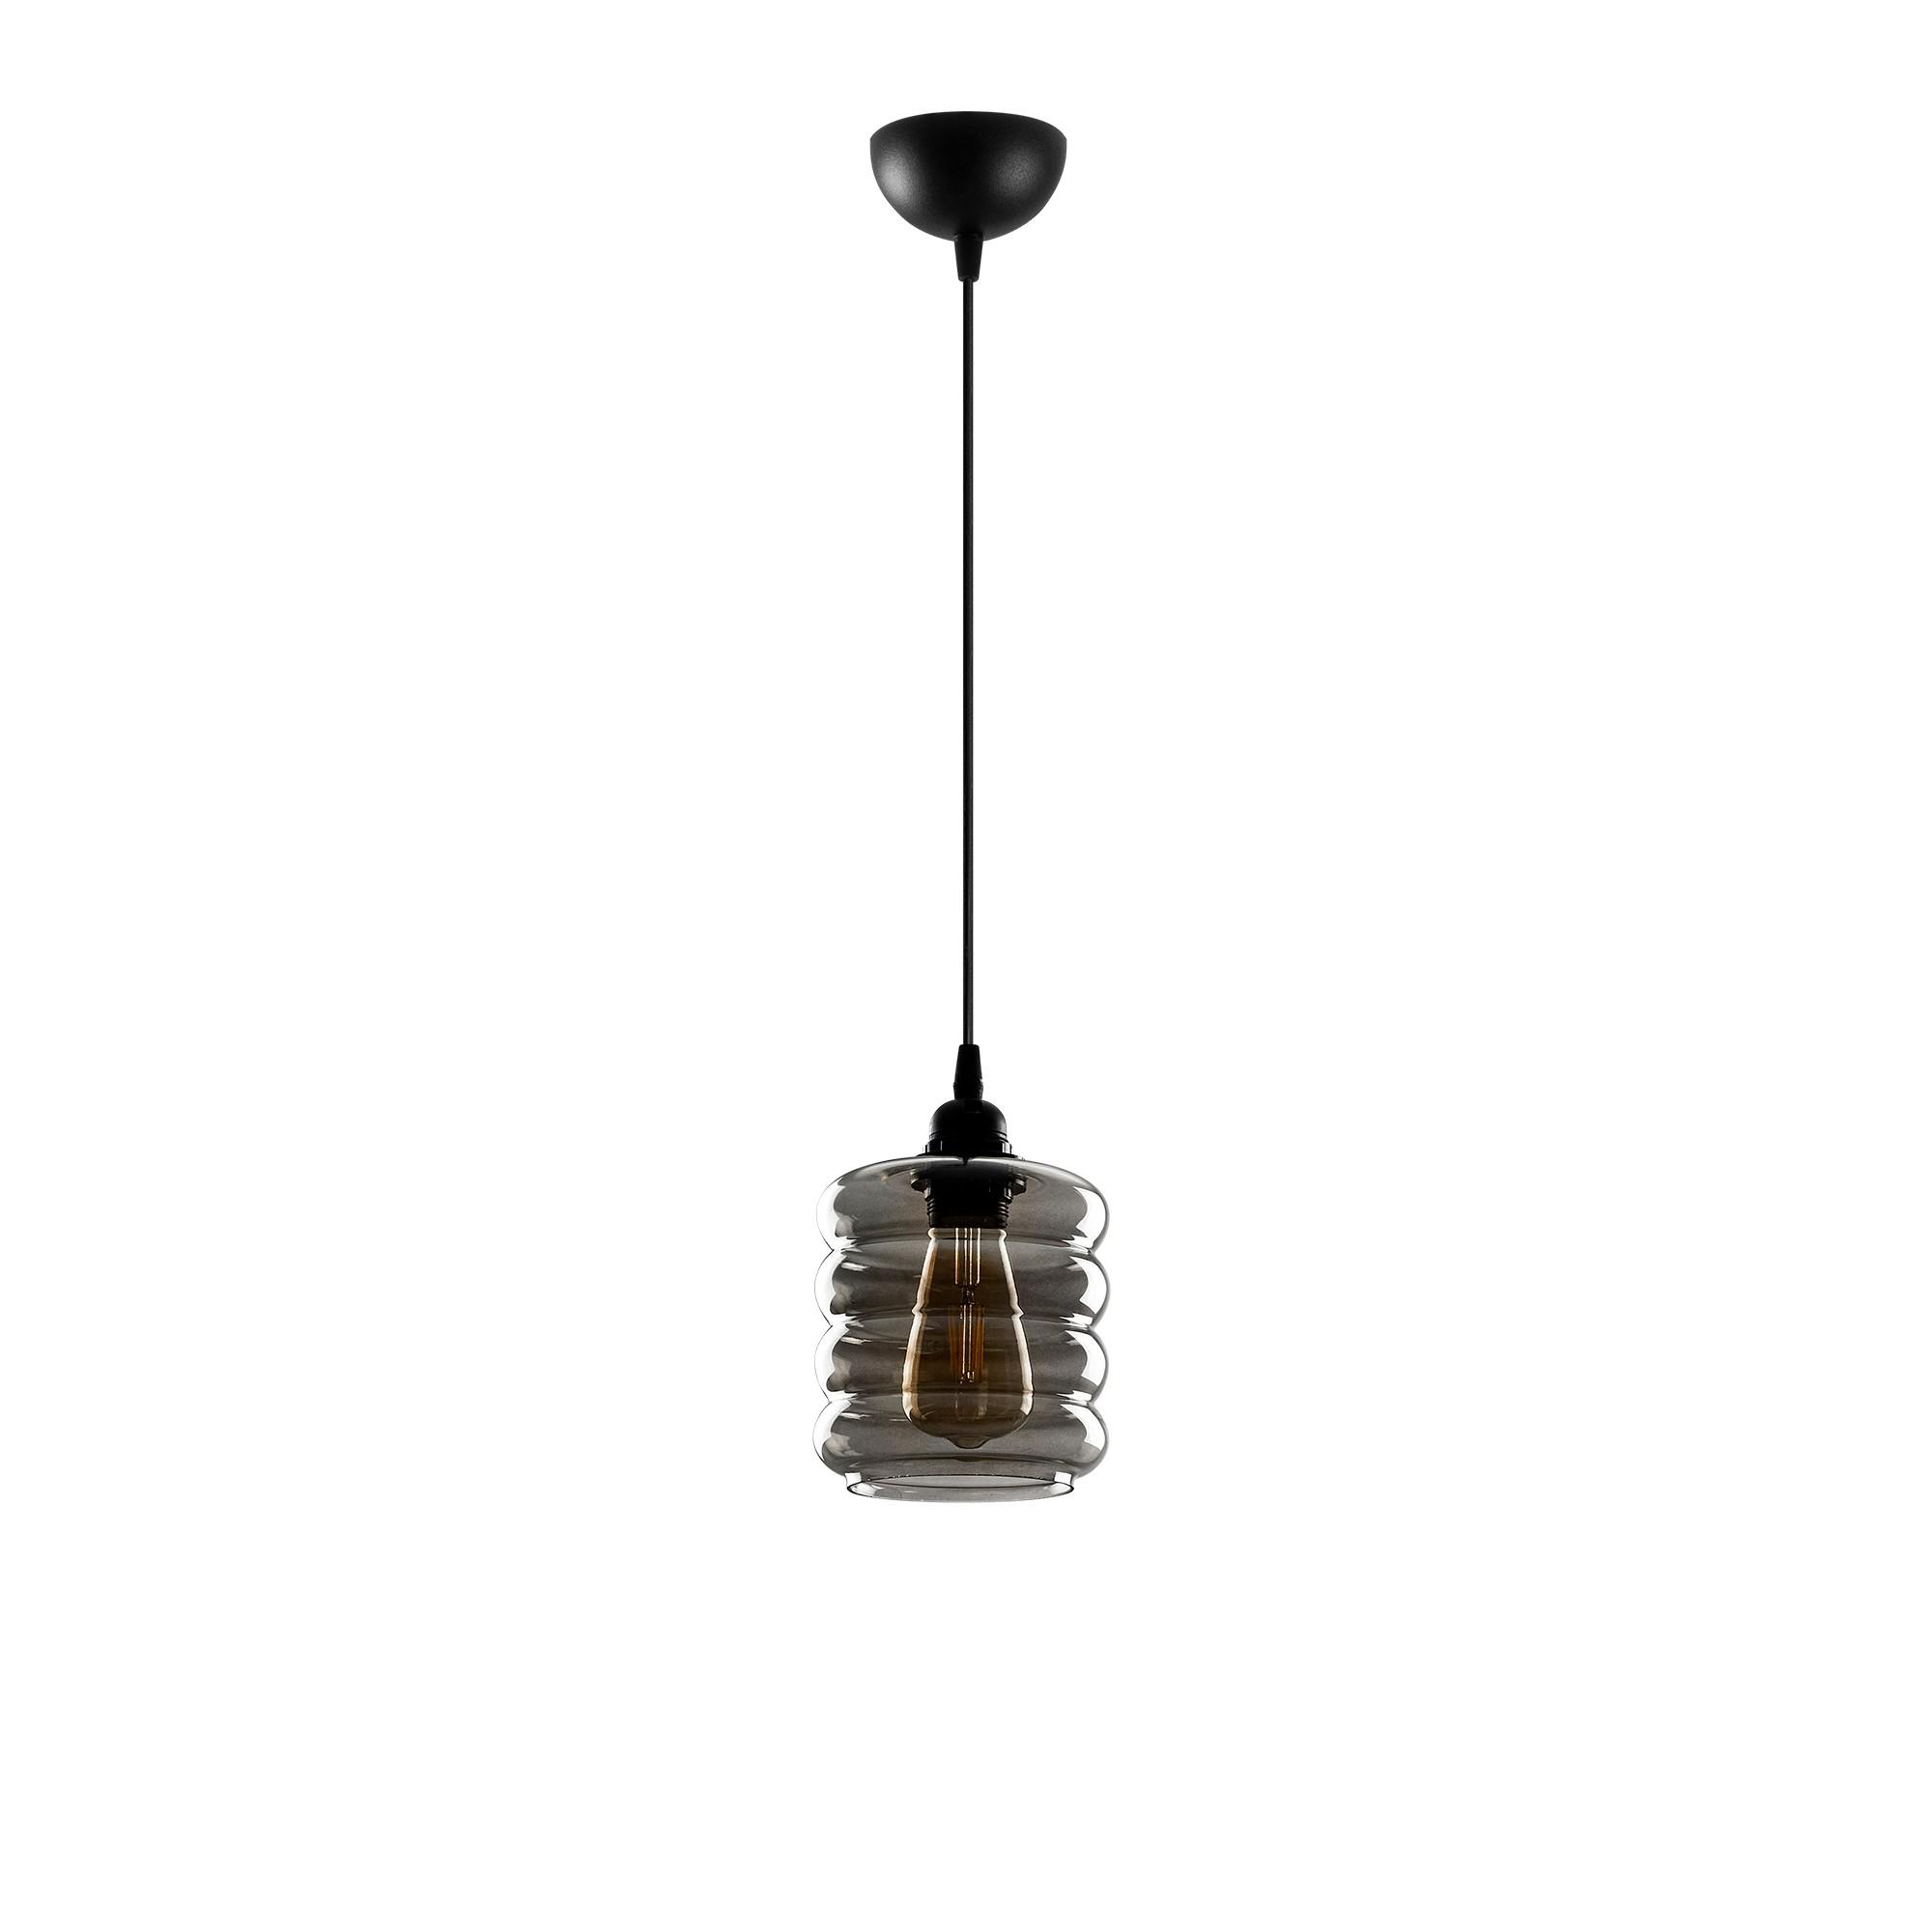 Led hanglamp met golven 1 x E27 fitting - vooraanzicht lamp uit